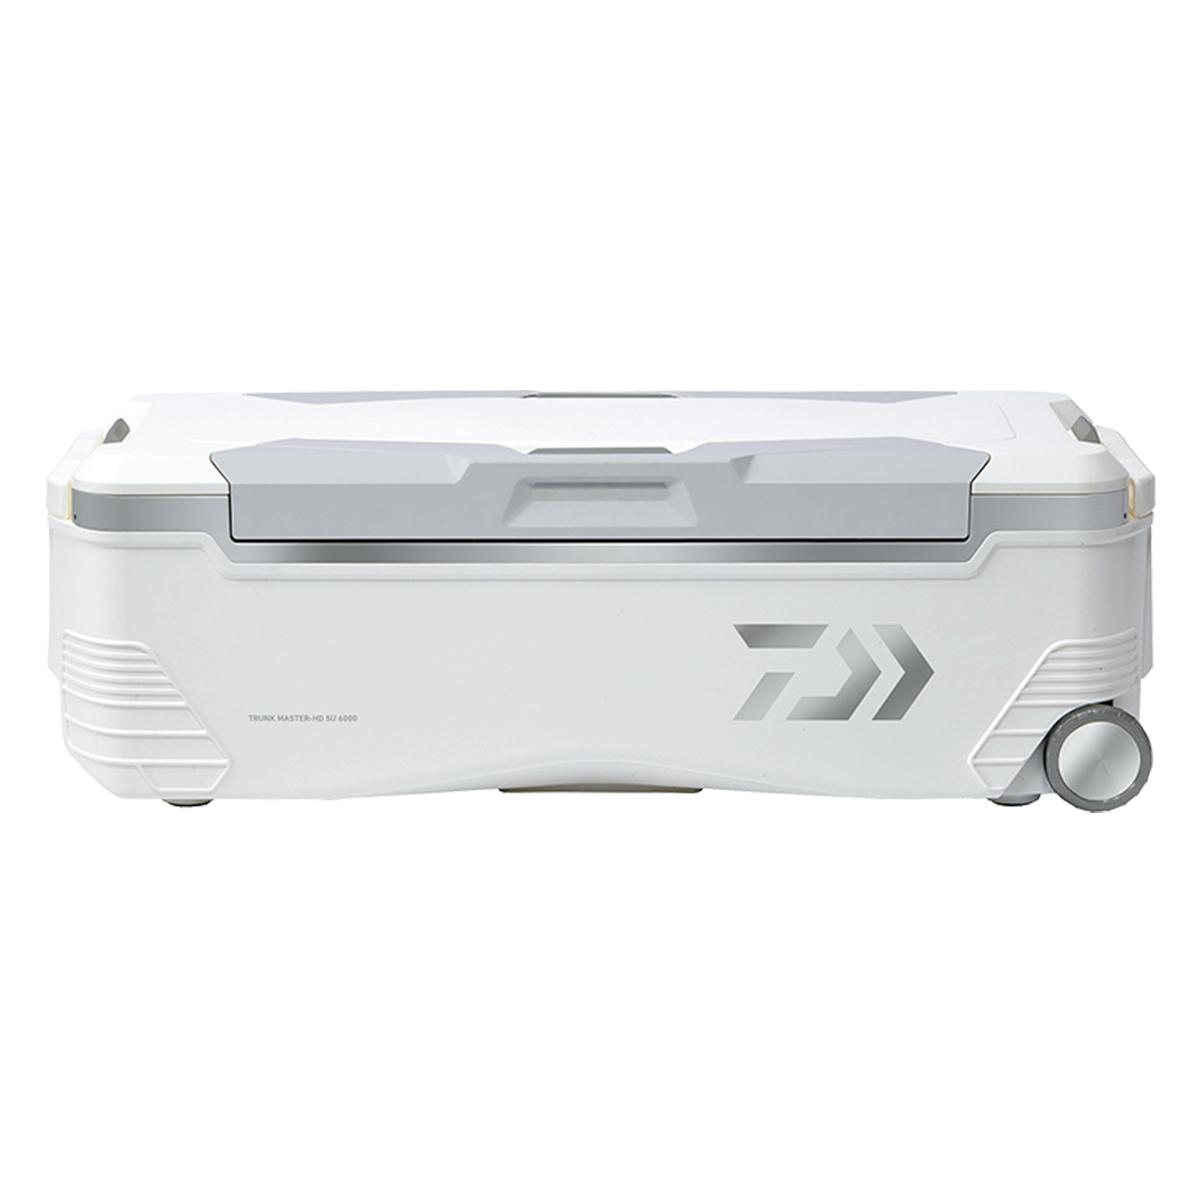 ダイワ トランクマスターHD SU 6000 シルバー クーラーボックス【大型商品】(東日本店)【送料無料】【同梱不可】